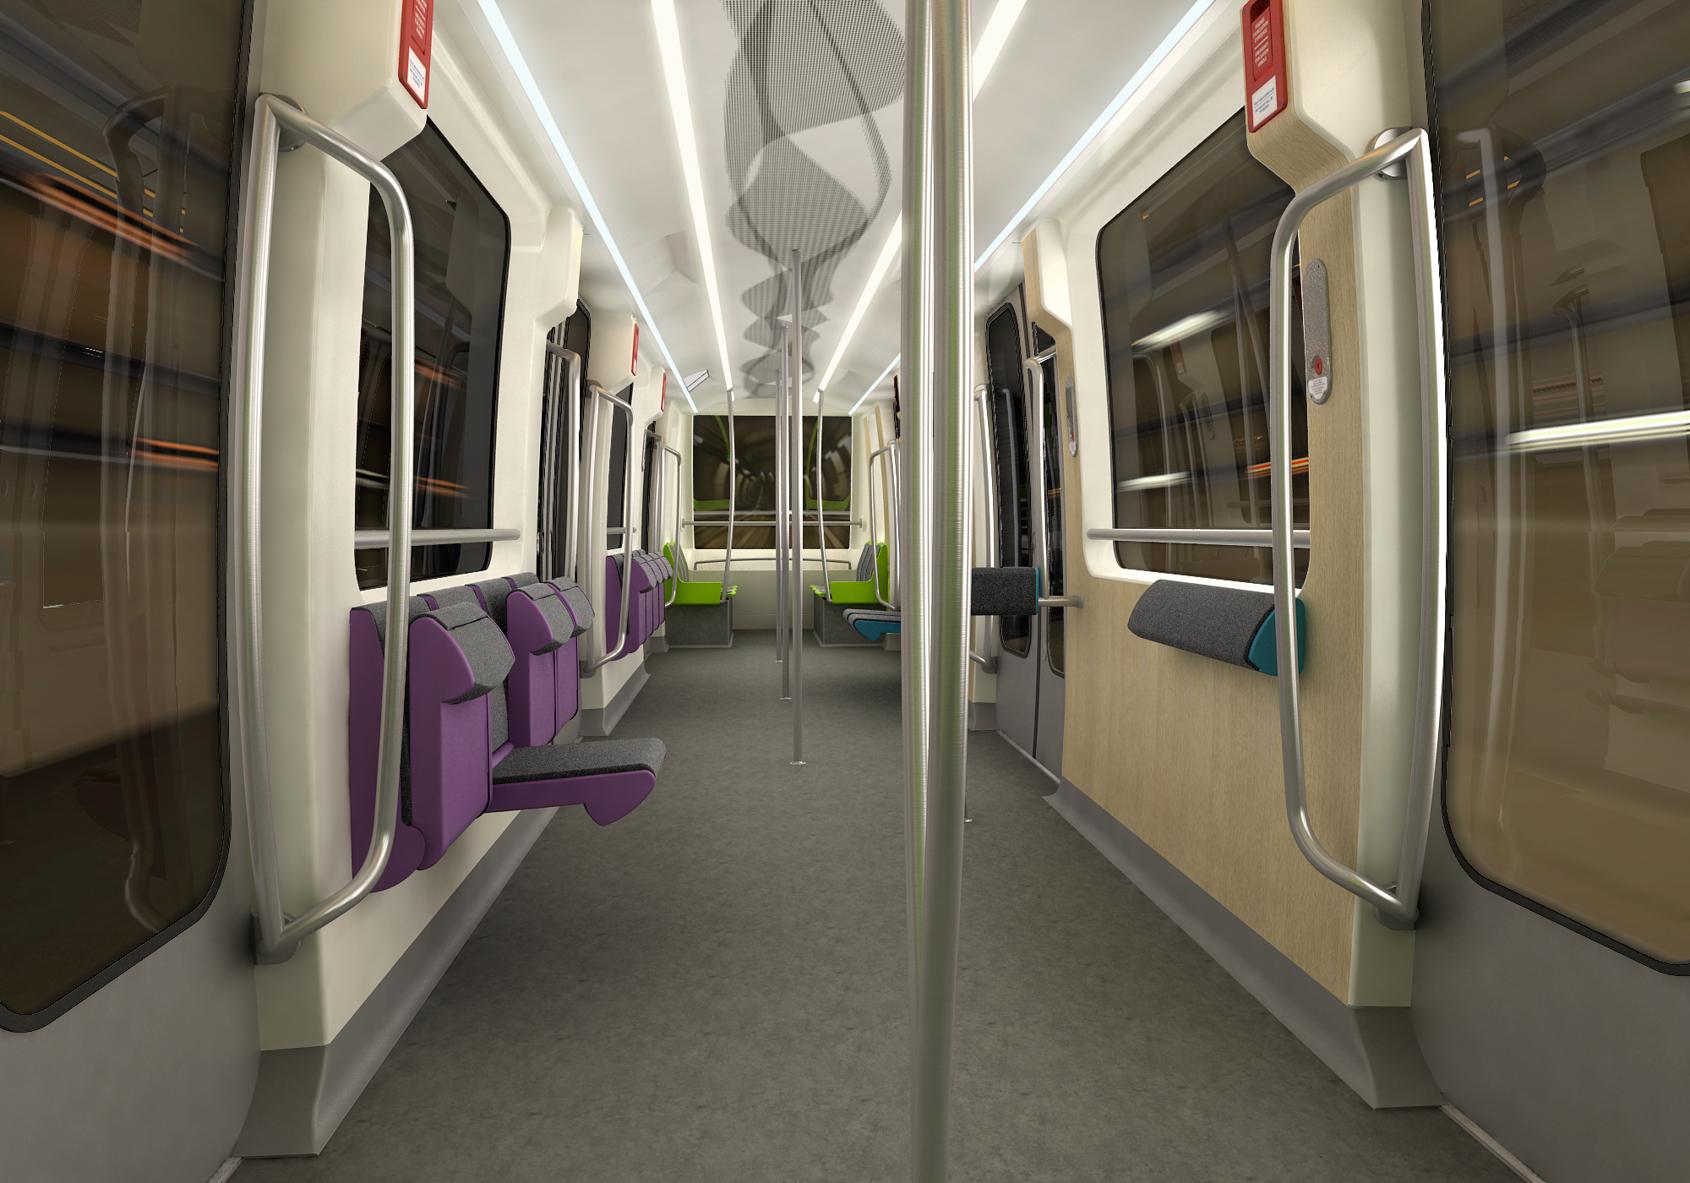 1-Dripmoon-archvis-graphiste3D-design-produits-images-3D-metro-rennes